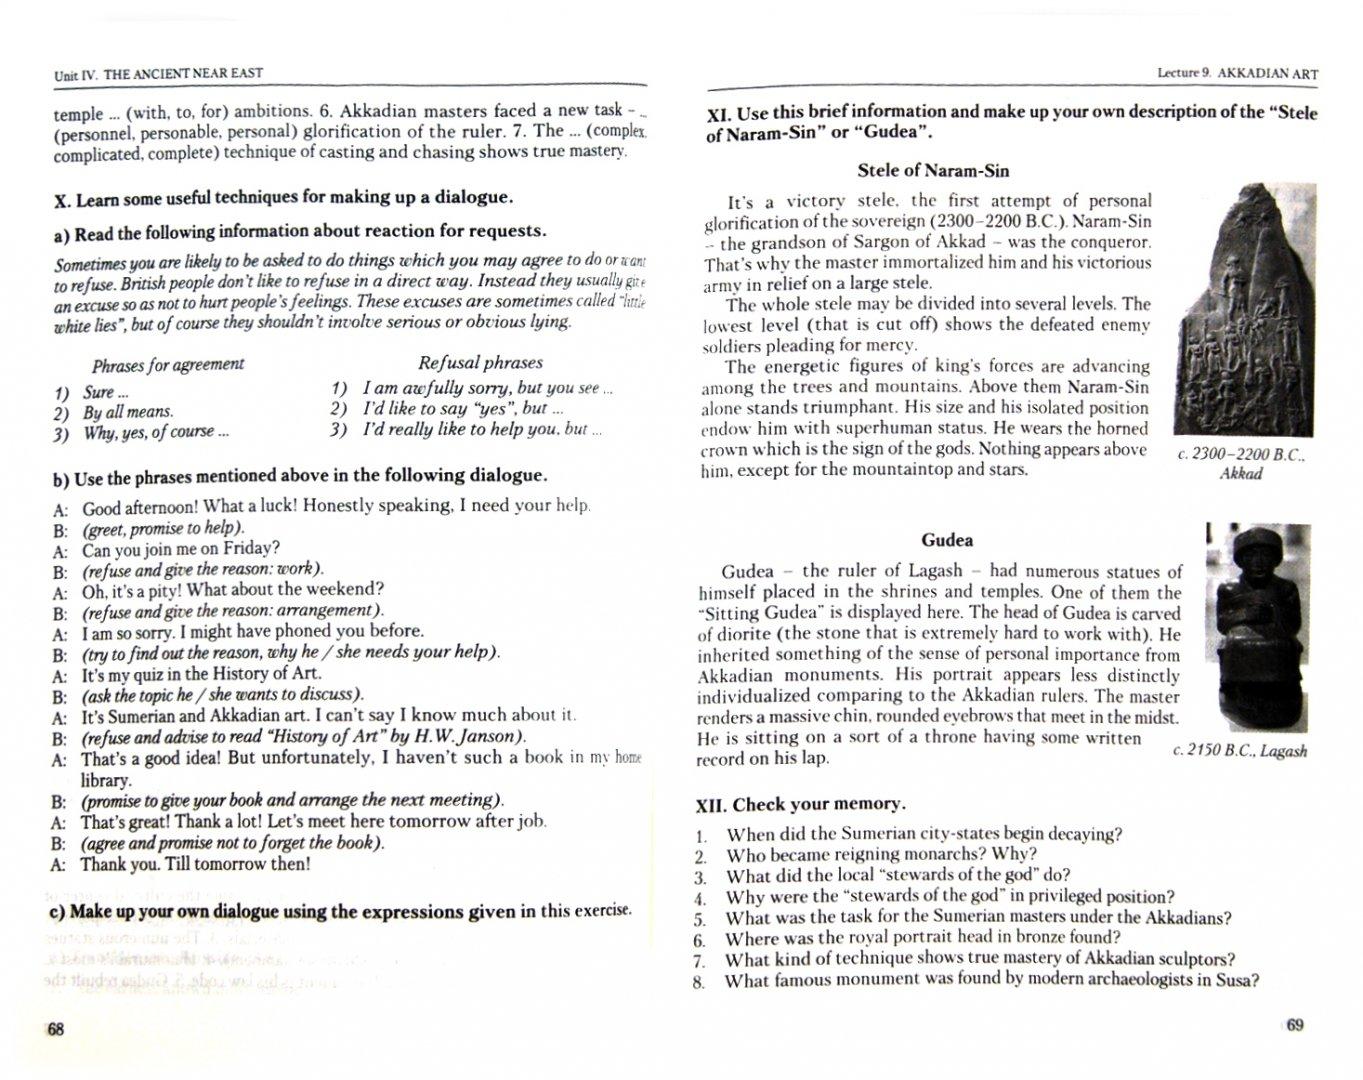 Иллюстрация 1 из 5 для English and World Culture. Lectures and Exercises. Пособие по искусствоведению - А. Гетманская   Лабиринт - книги. Источник: Лабиринт